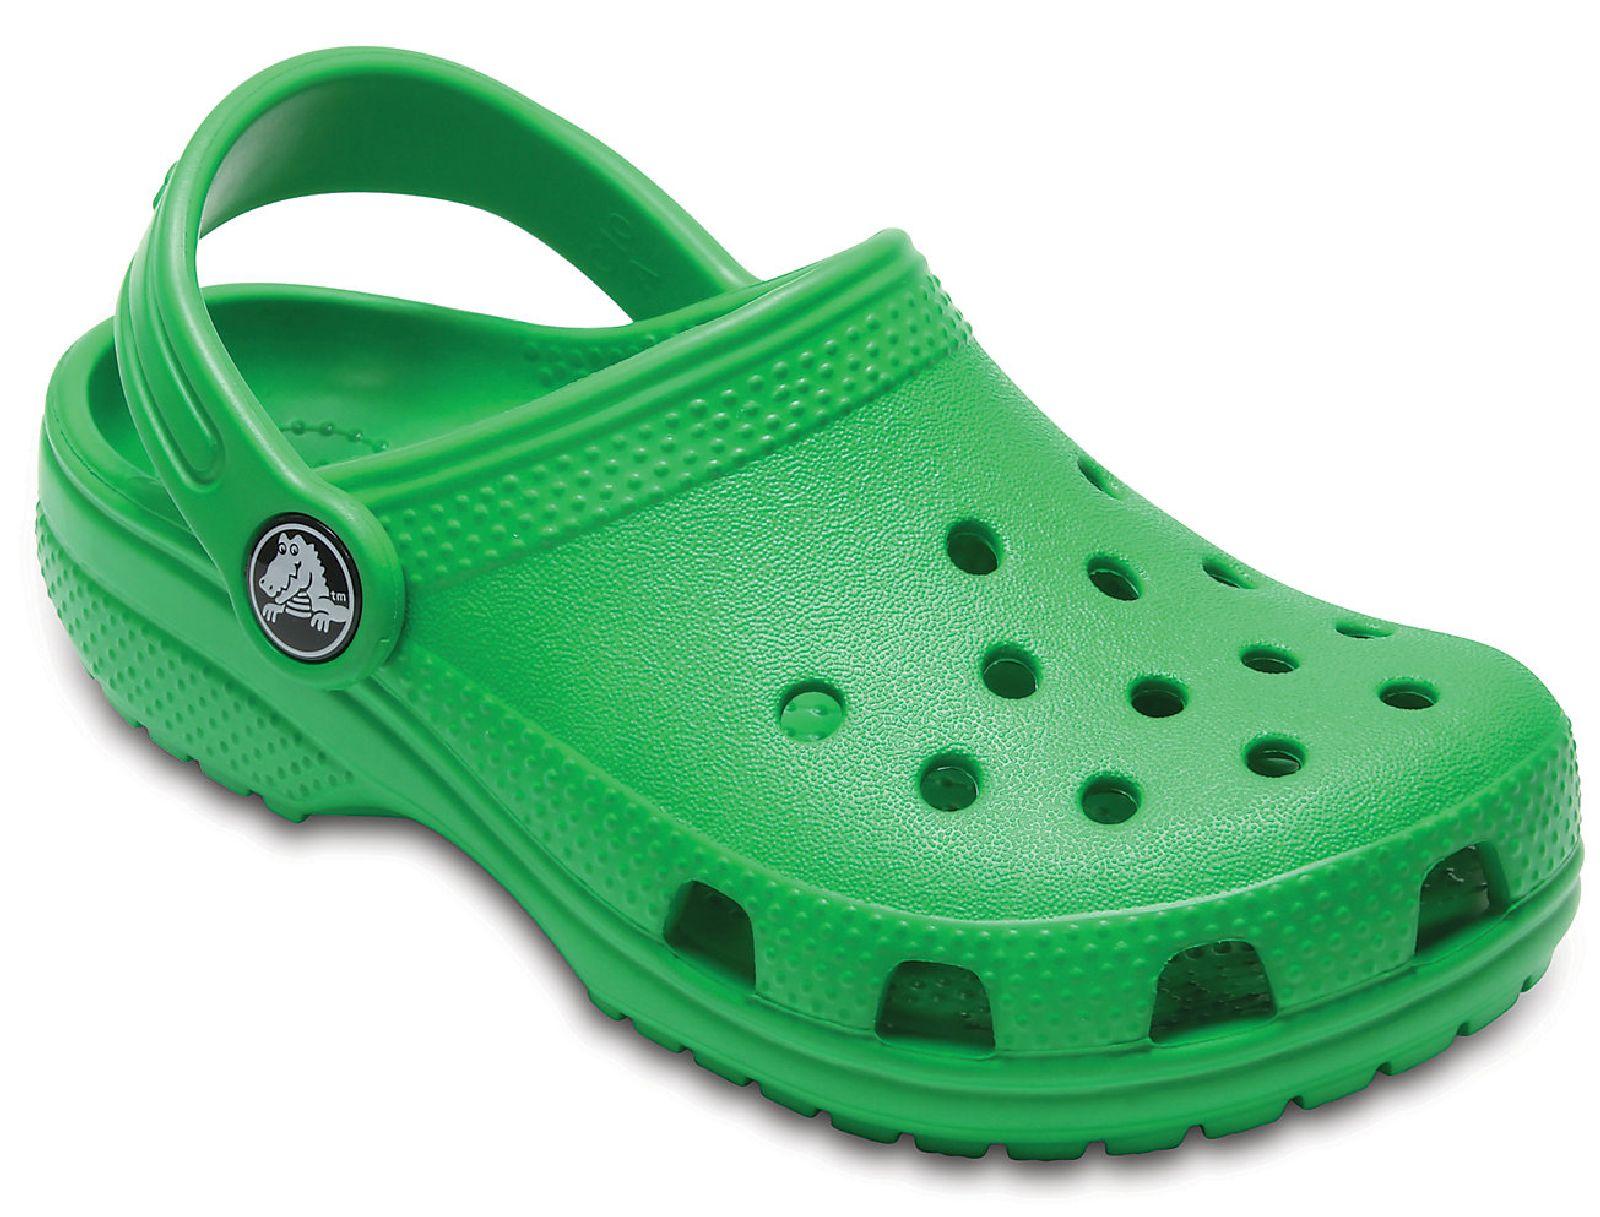 Crocs Kids Classic Clog Sandal Shoes Bathing Shoes CLOGS UNISEX MANY COLOURS